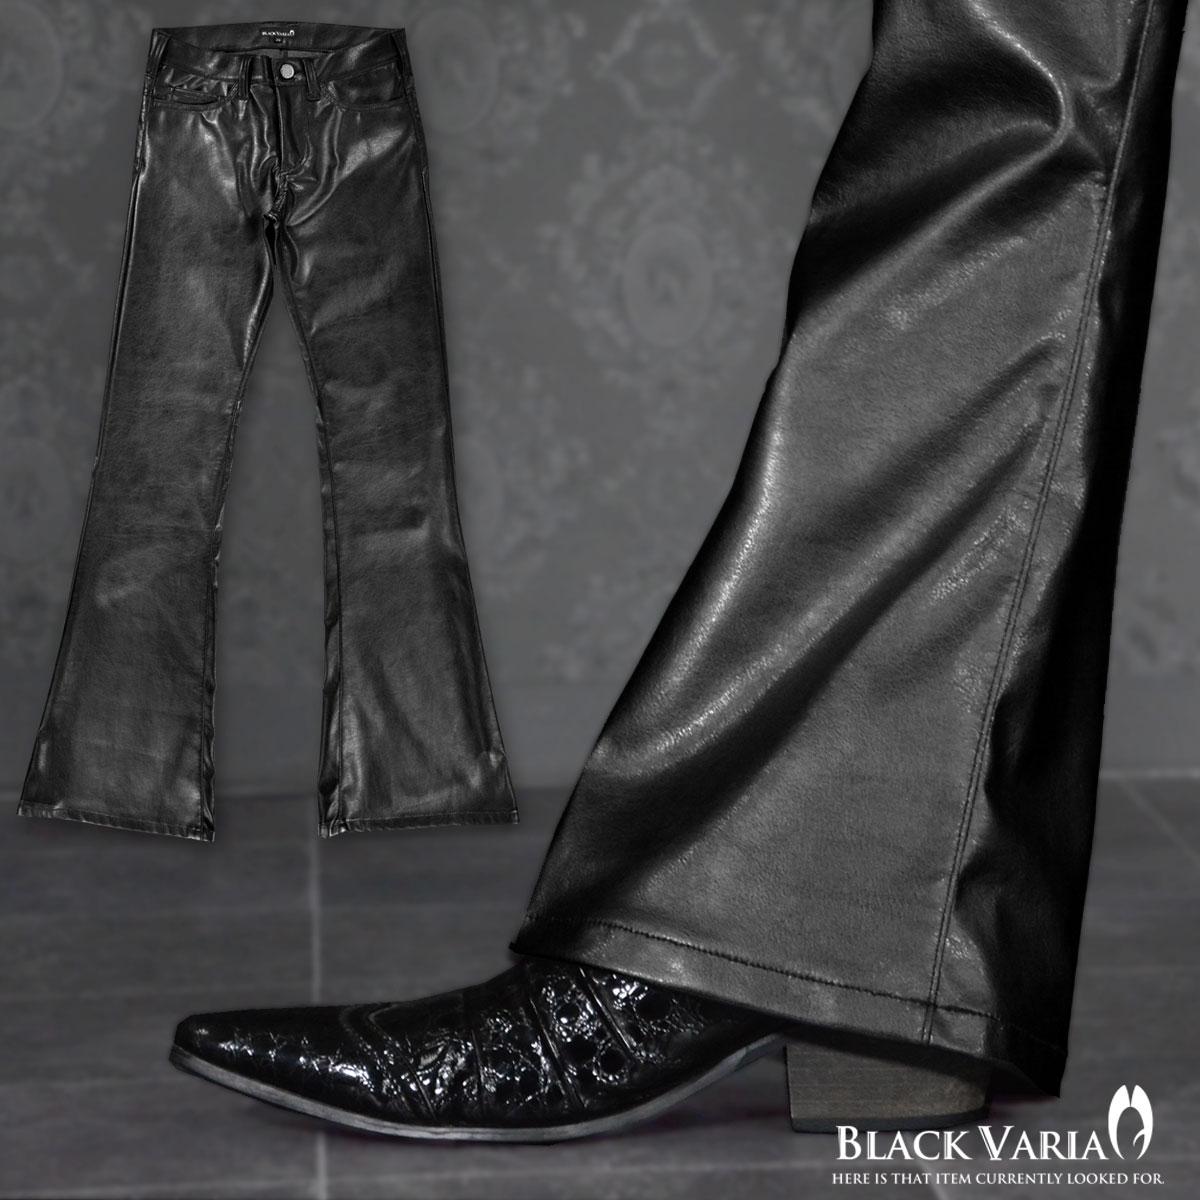 ベルボトム ブーツカット フレア PU フェイクレザー 合成皮革 ストレッチ ボトムス パンツ メンズ(ブラック黒) 162251